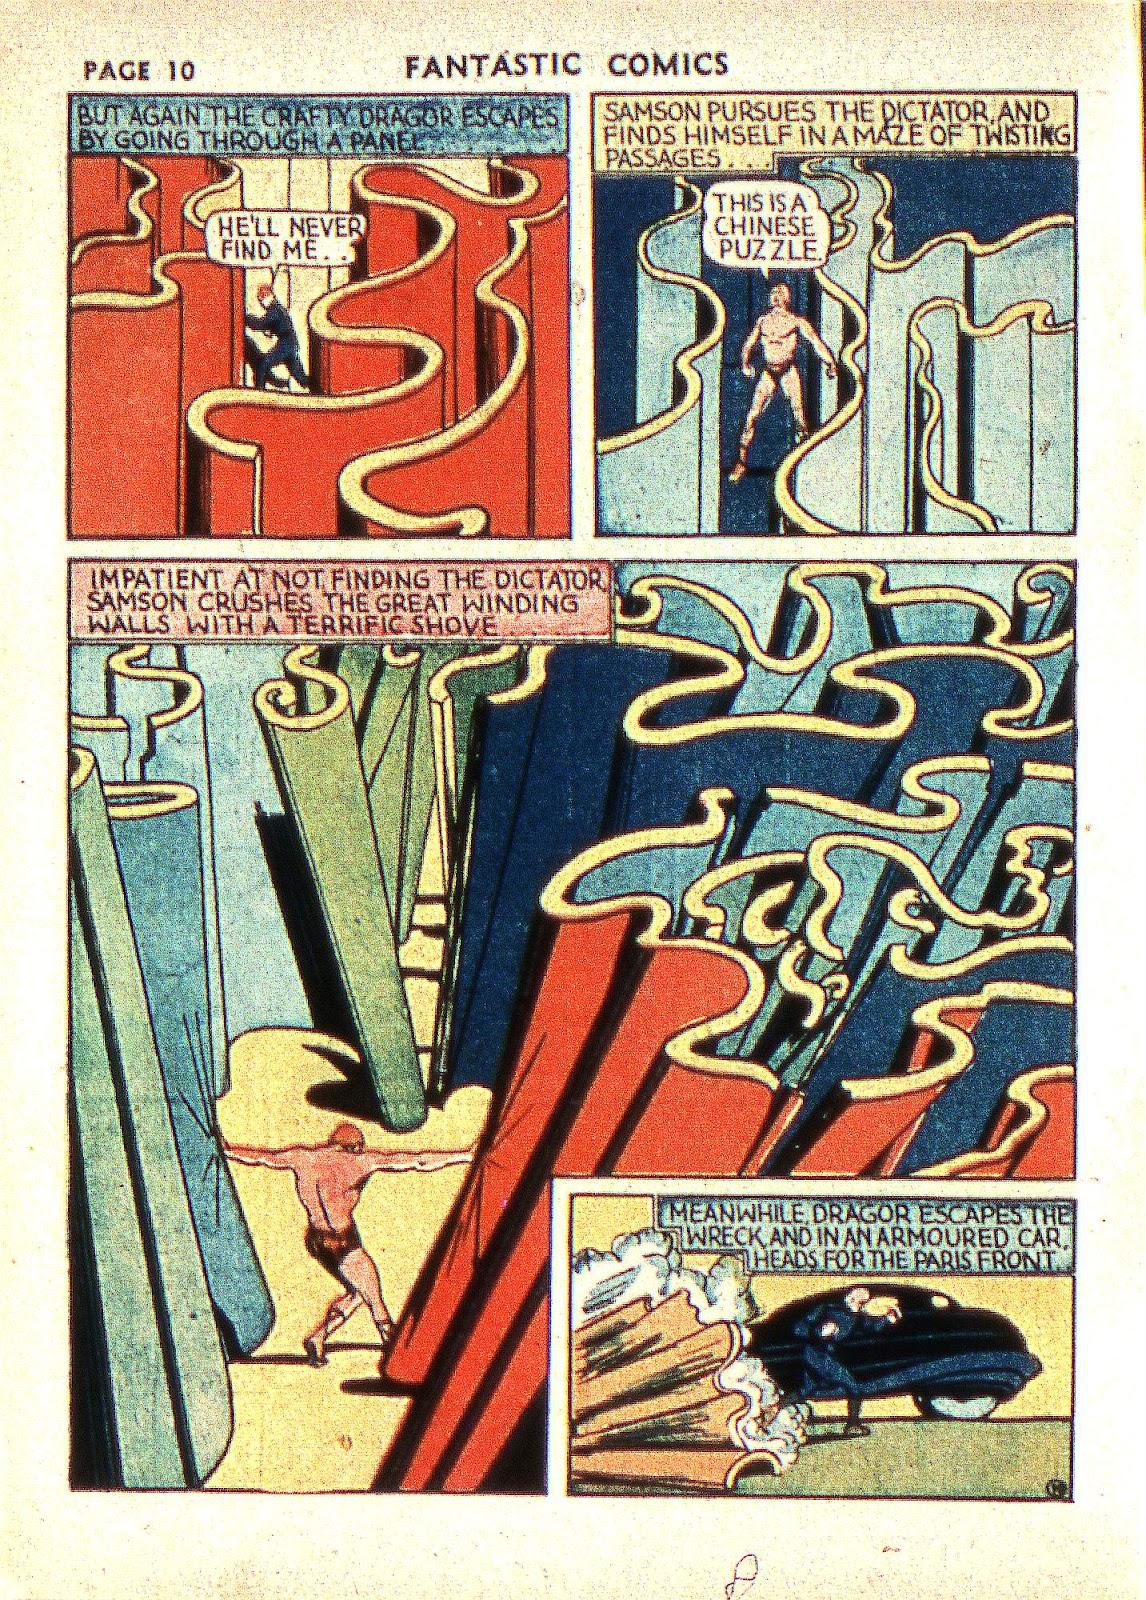 Read online Fantastic Comics comic -  Issue #2 - 12